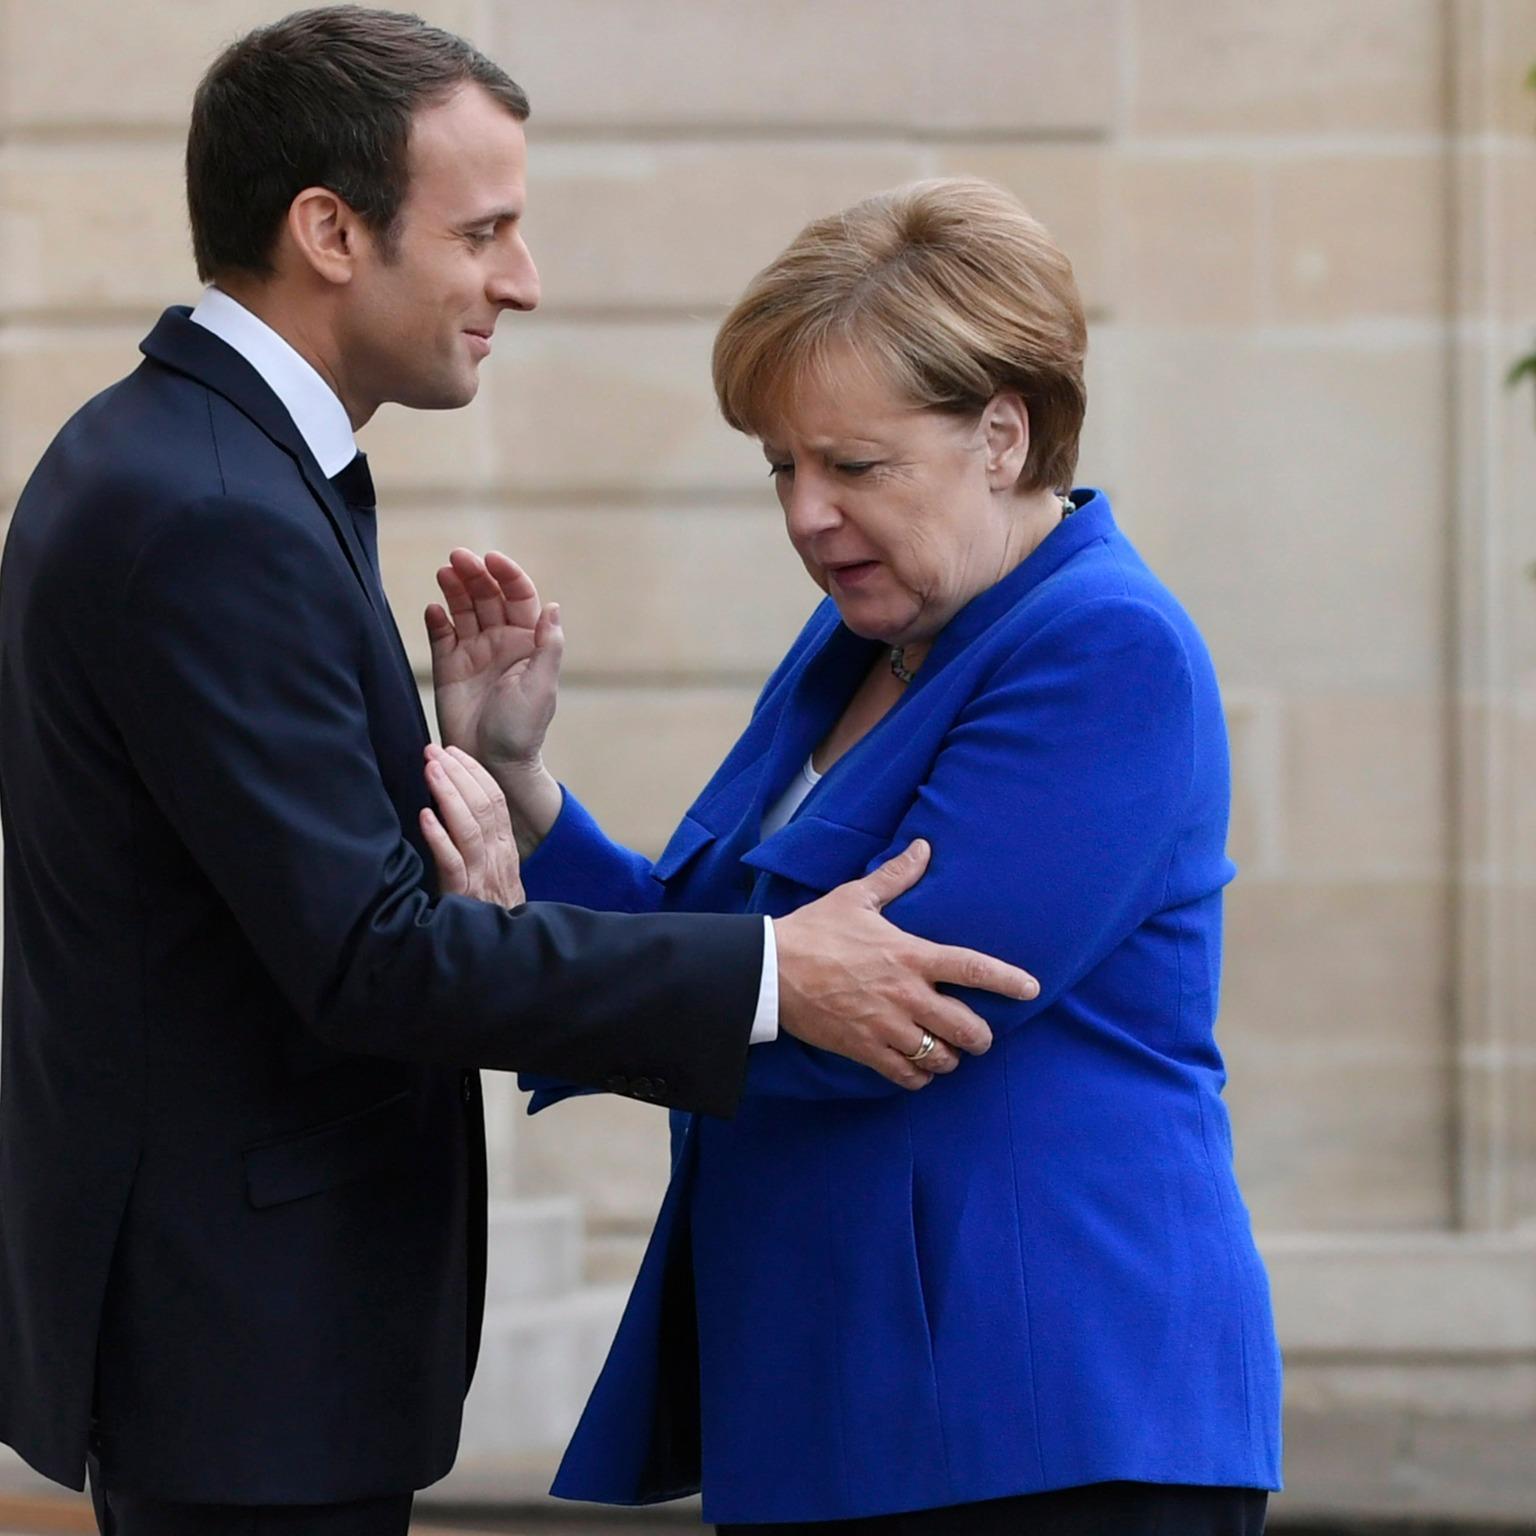 Párizs, 2017. július 13. Emmanuel Macron francia elnök (b) fogadja Angela Merkel német kancellárt a párizsi államfői rezidencián, az Elysée-palotában 2017. július 13-án. (MTI/EPA/Julien De Rosa)